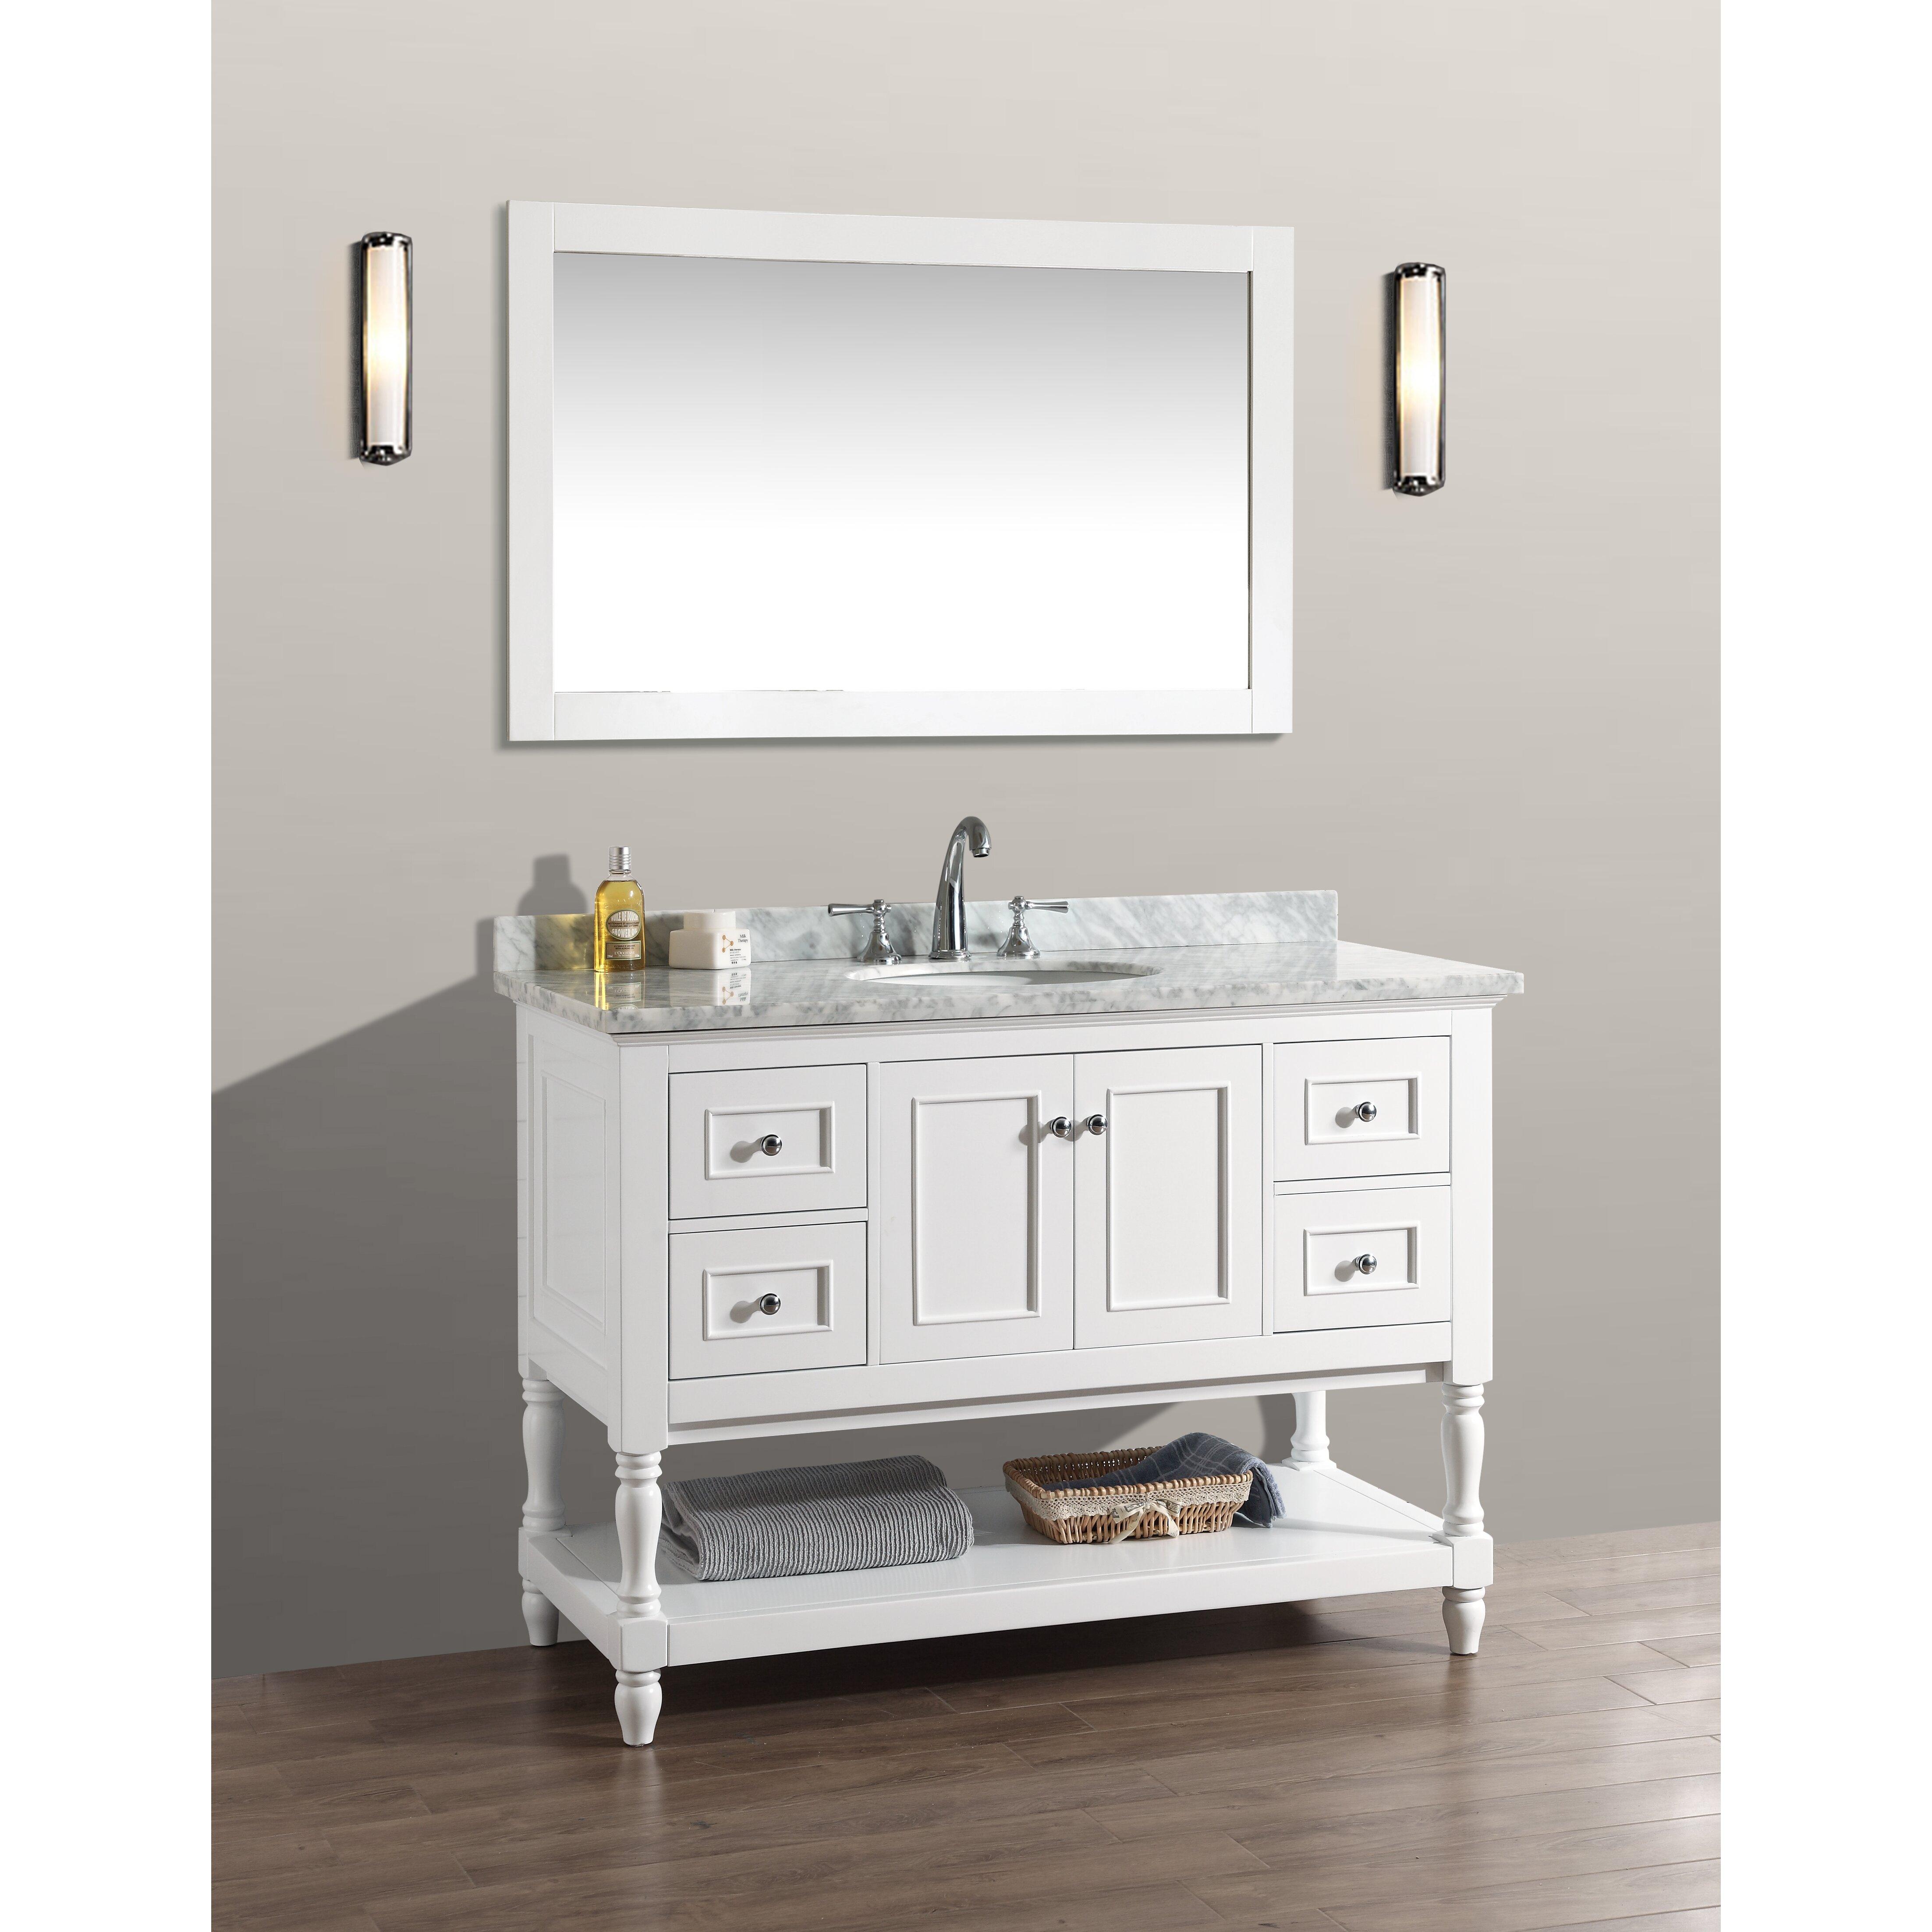 Ari Kitchen  amp  Bath Cape Cod 48 quot  Single Bathroom Vanity Set. Ari Kitchen   Bath Cape Cod 48  Single Bathroom Vanity Set with